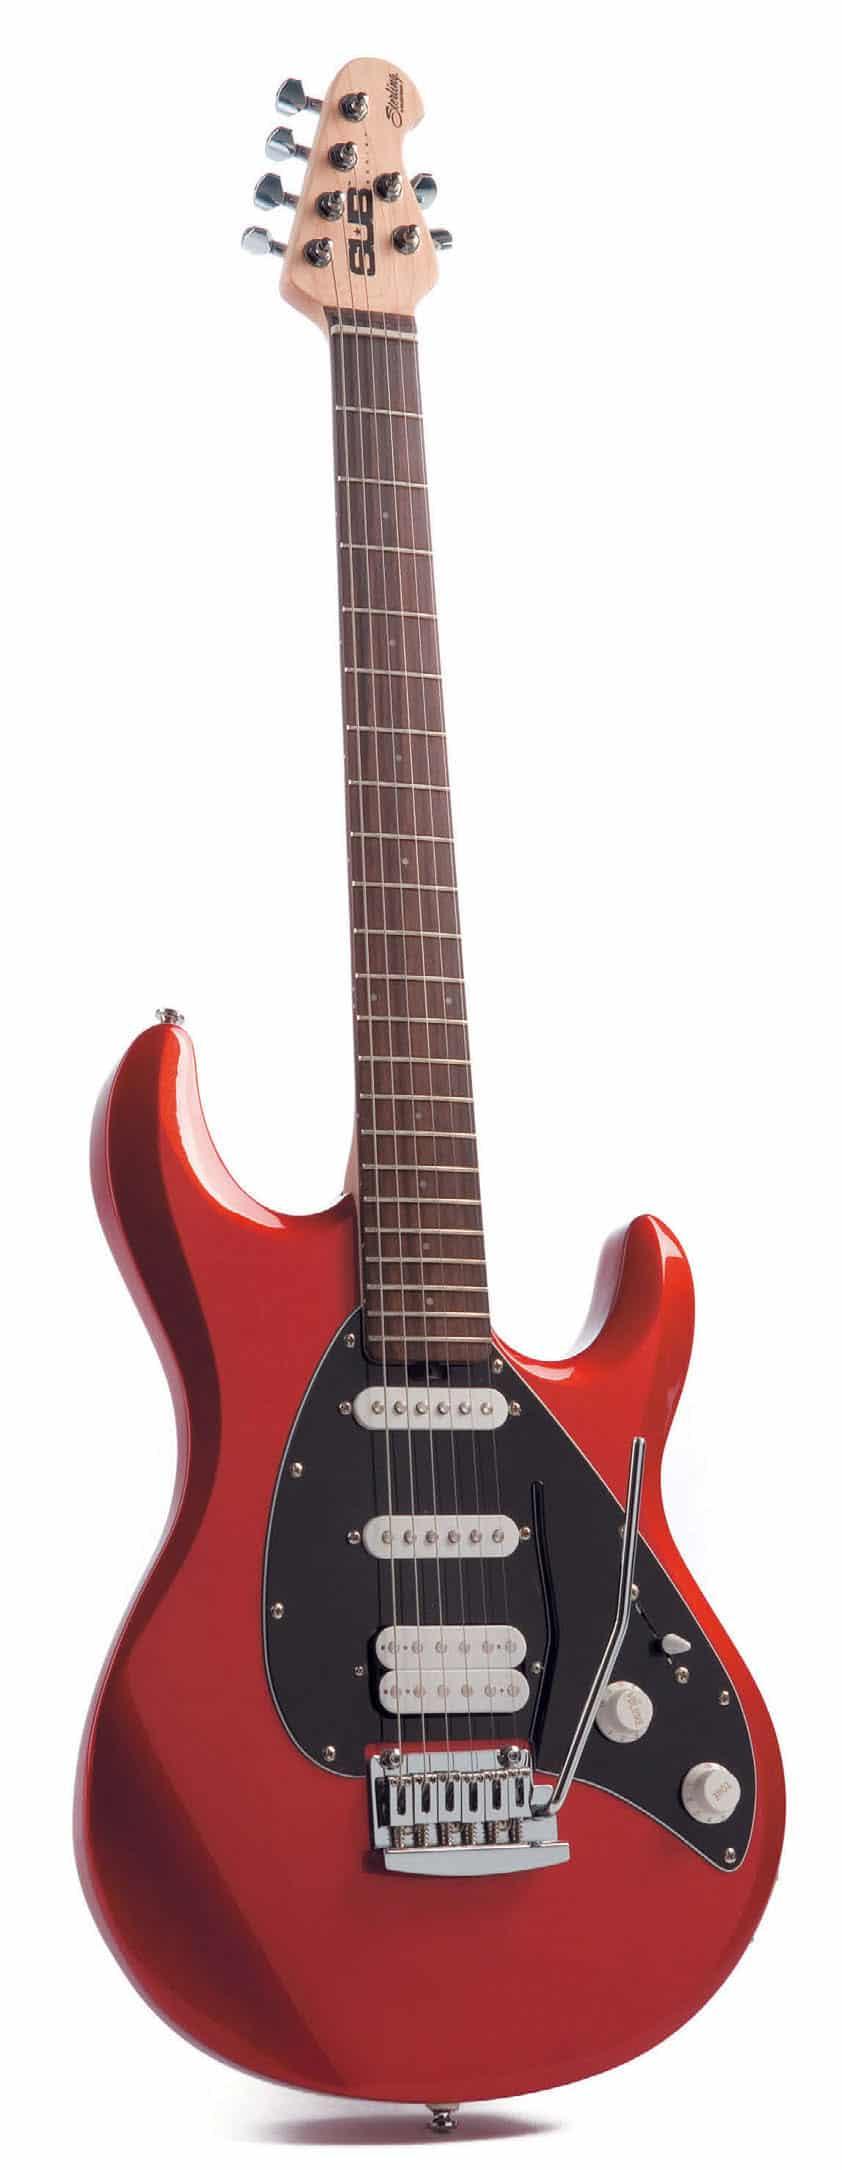 E-Gitarre von Sterling, rot-schwarz, stehend